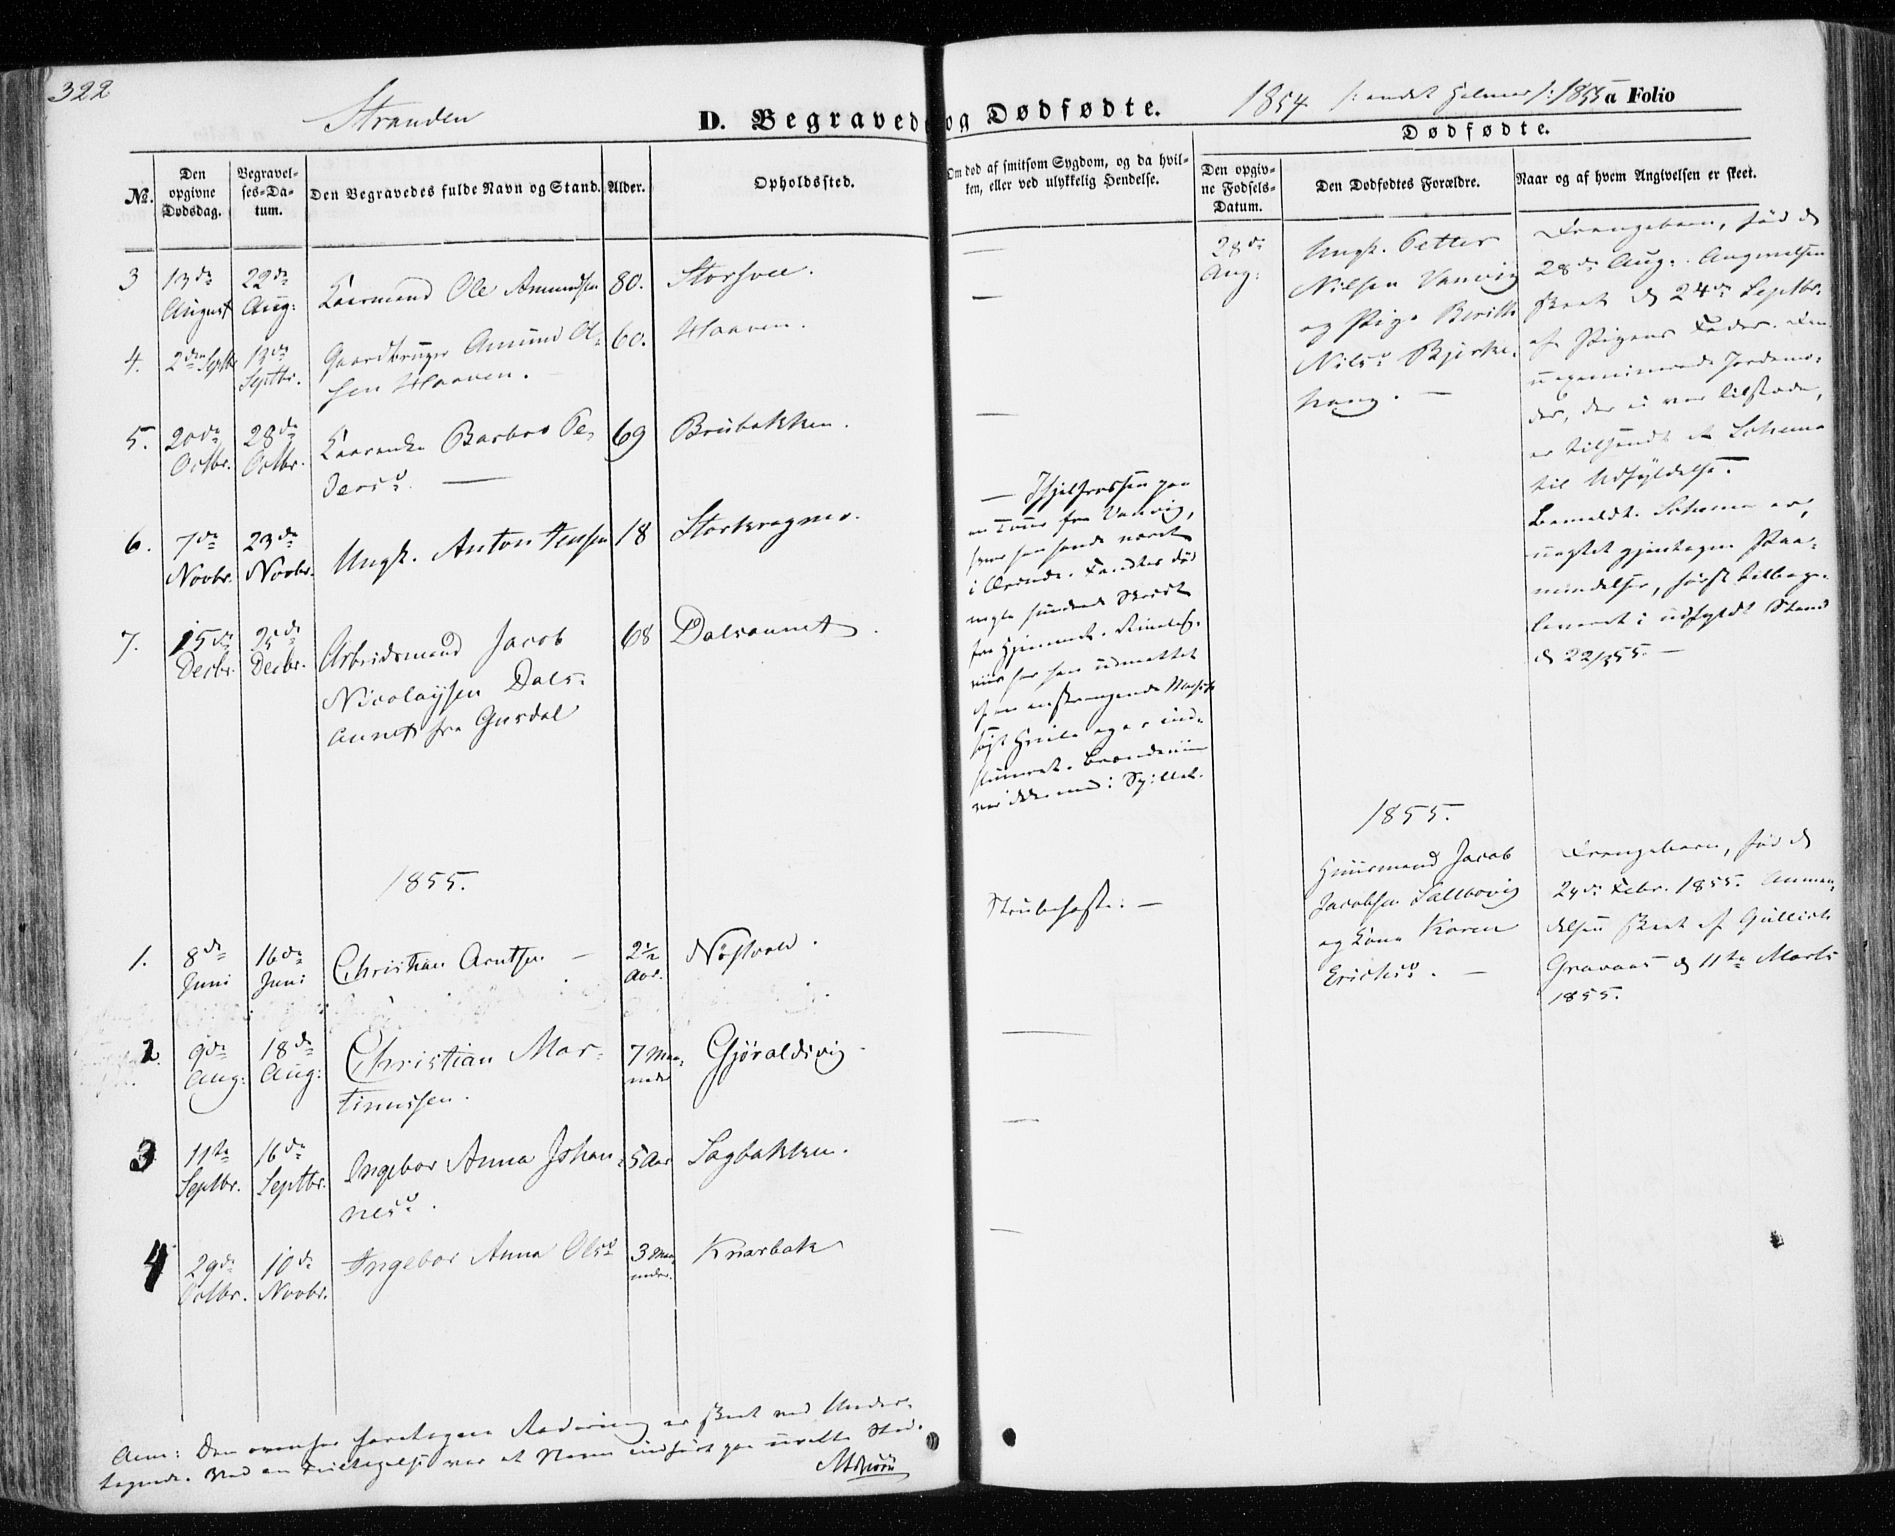 SAT, Ministerialprotokoller, klokkerbøker og fødselsregistre - Nord-Trøndelag, 701/L0008: Parish register (official) no. 701A08 /2, 1854-1863, p. 322